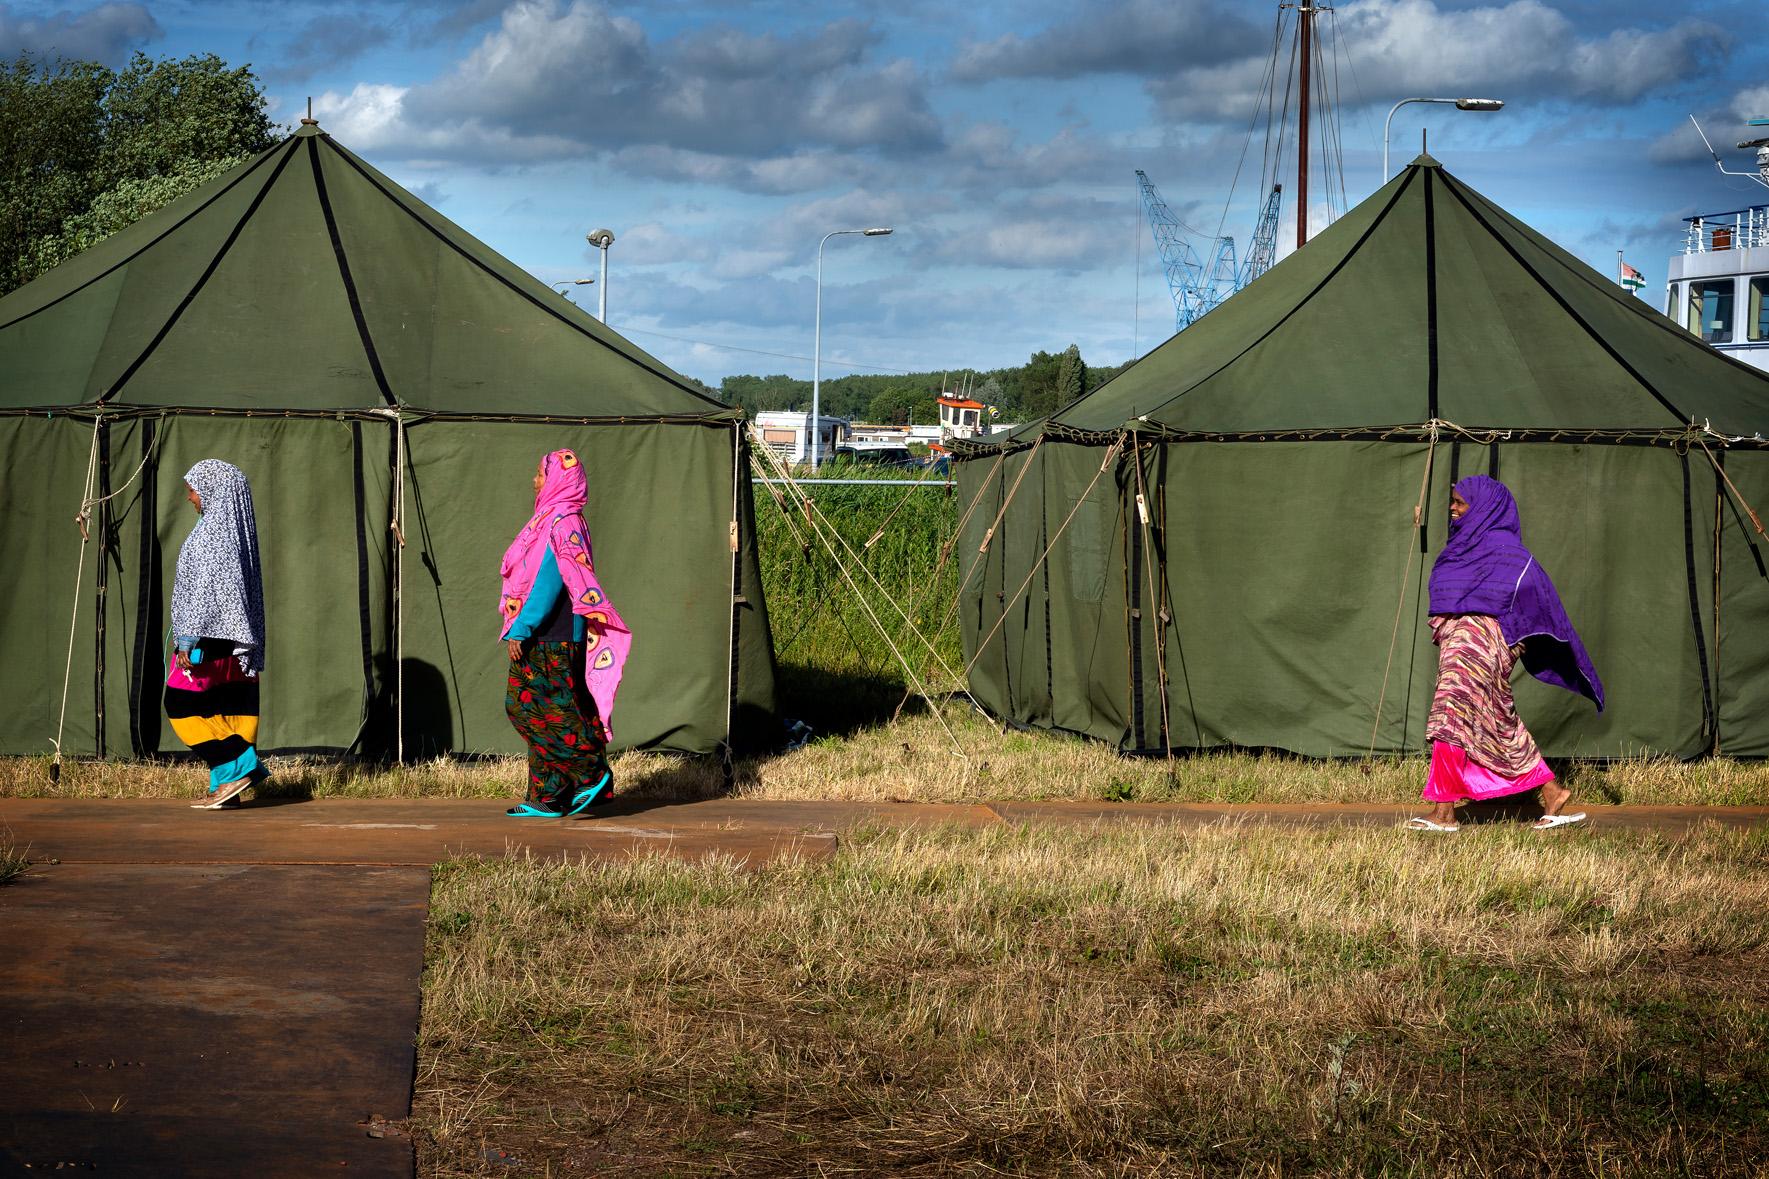 Somalische vrouwen voor tentenkamp zat 23 jun 2018